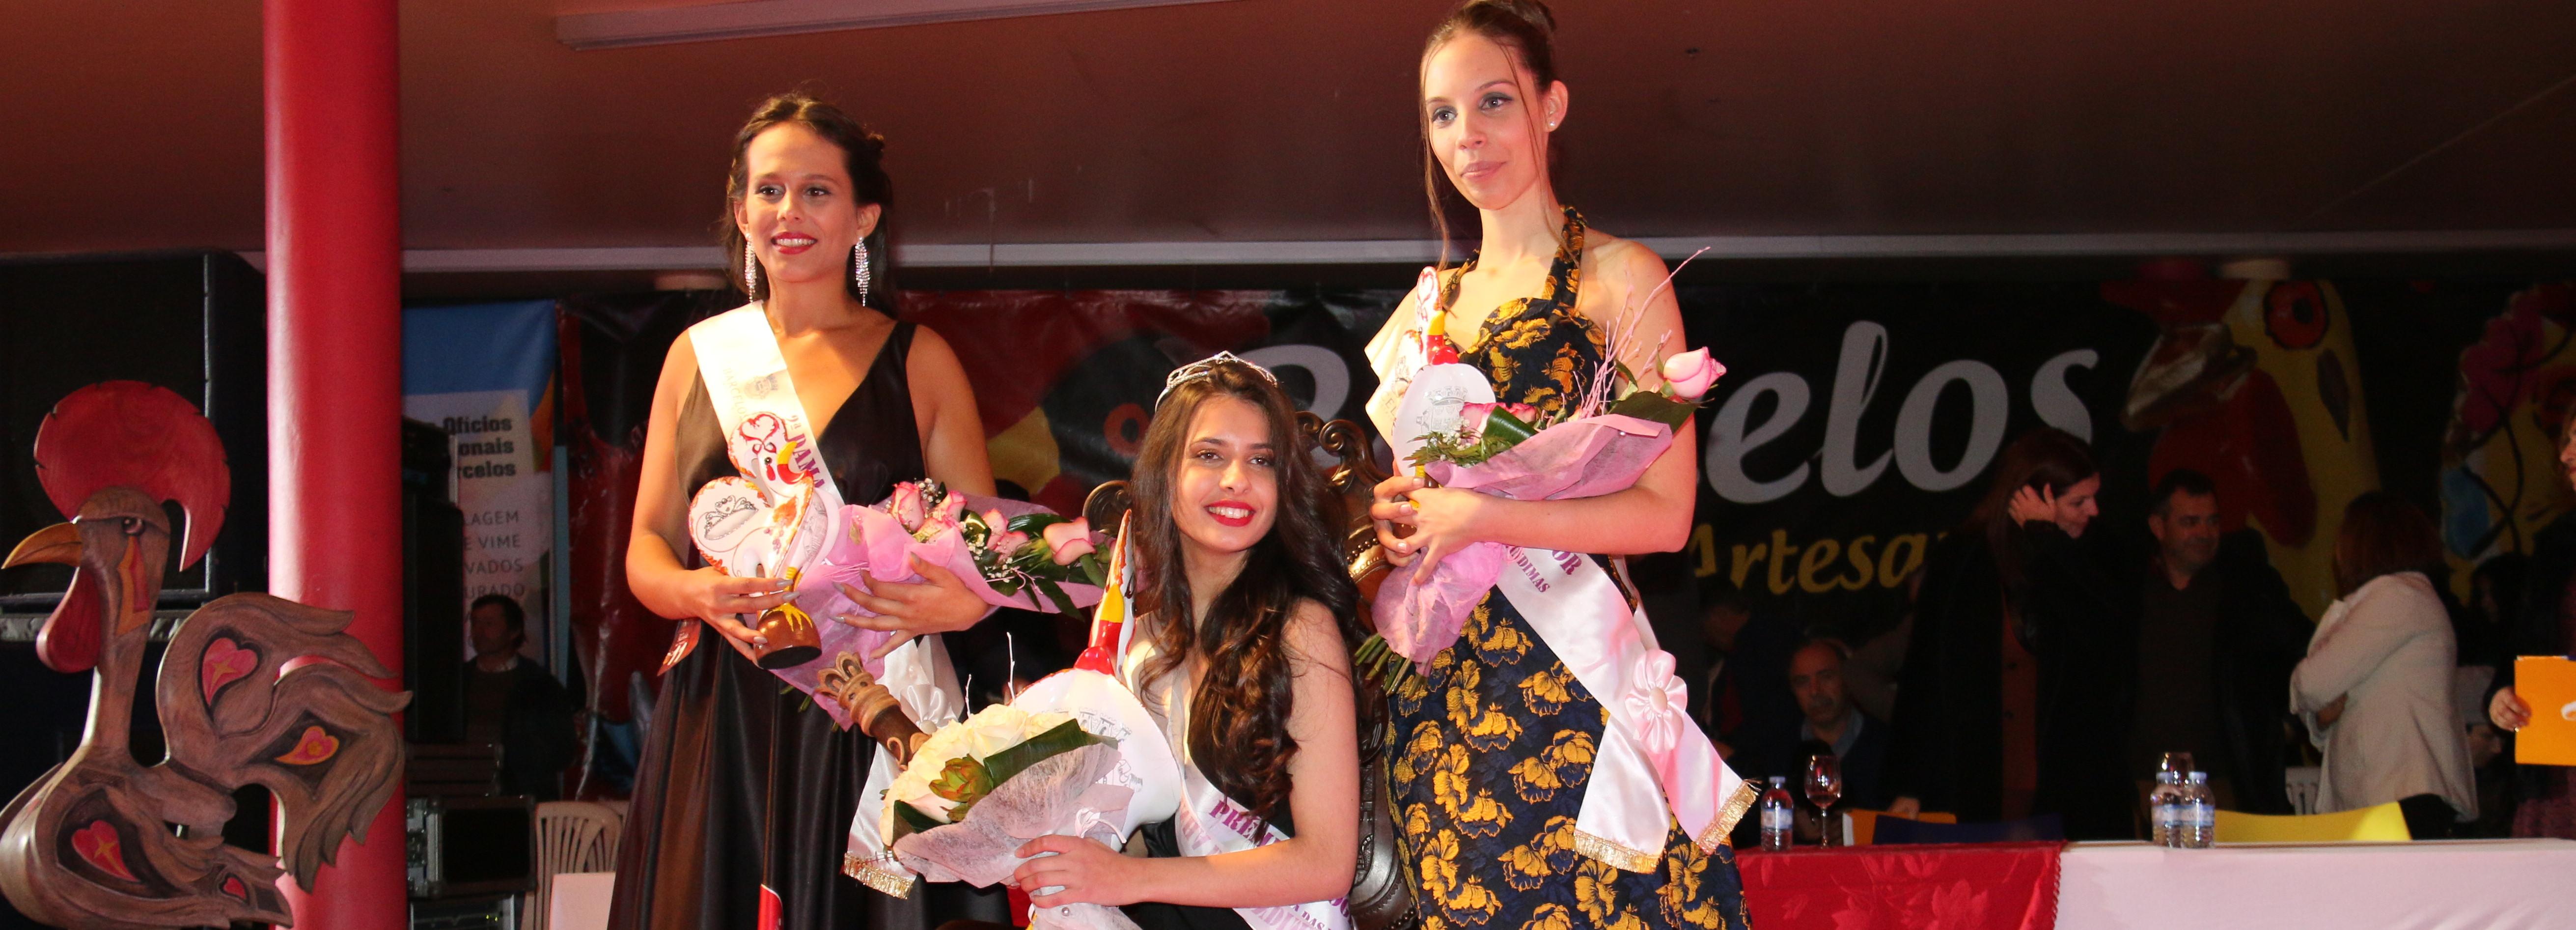 Gala da Rainha das Vindimas na Central de Camionagem